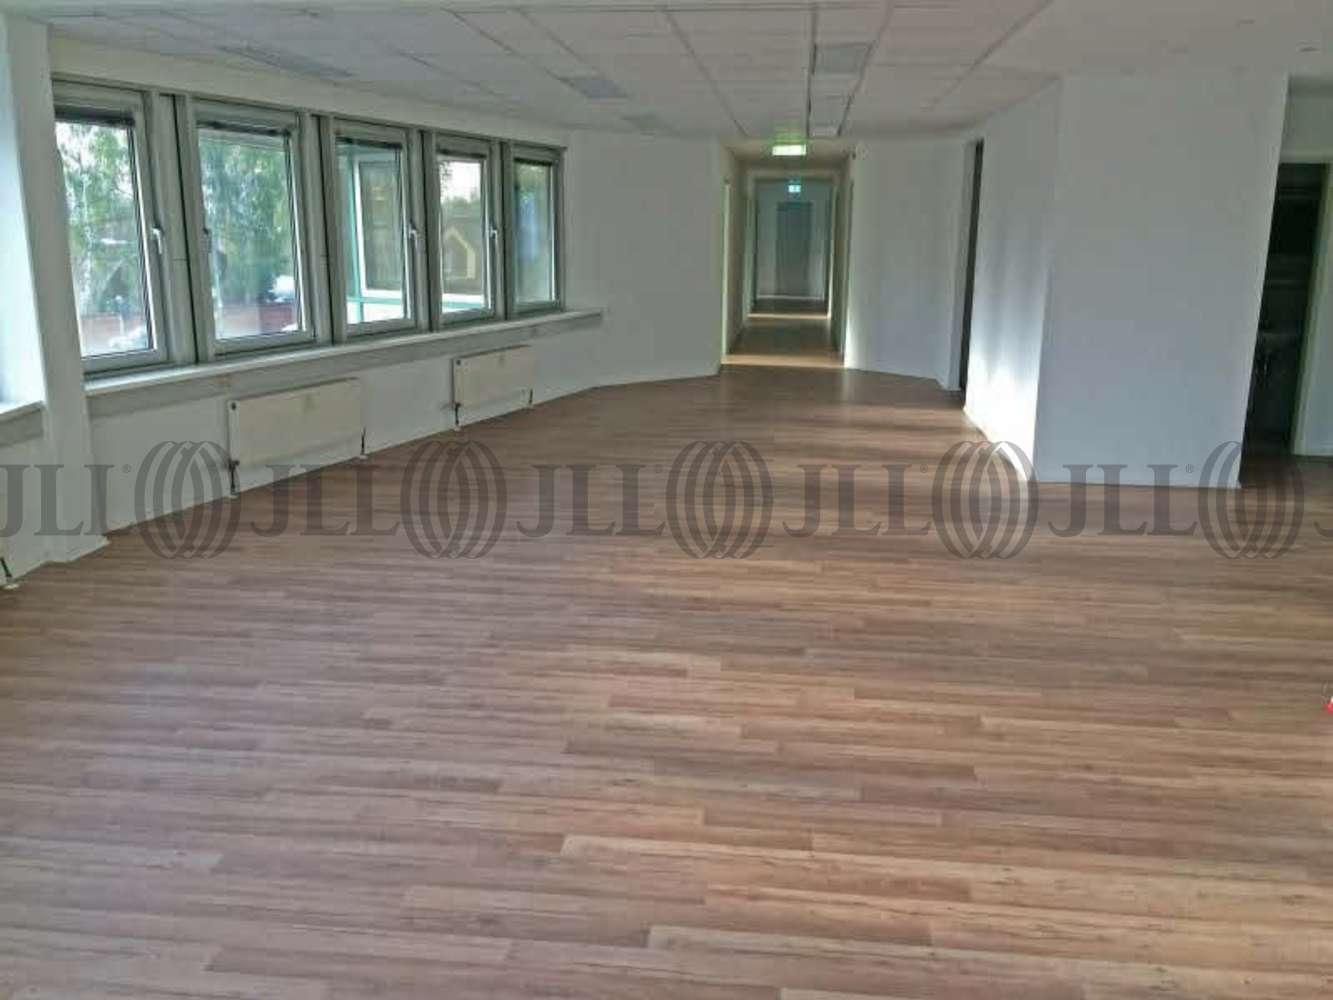 Büros Frankfurt am main, 60386 - Büro - Frankfurt am Main, Frankfurt - F1667 - 9529570